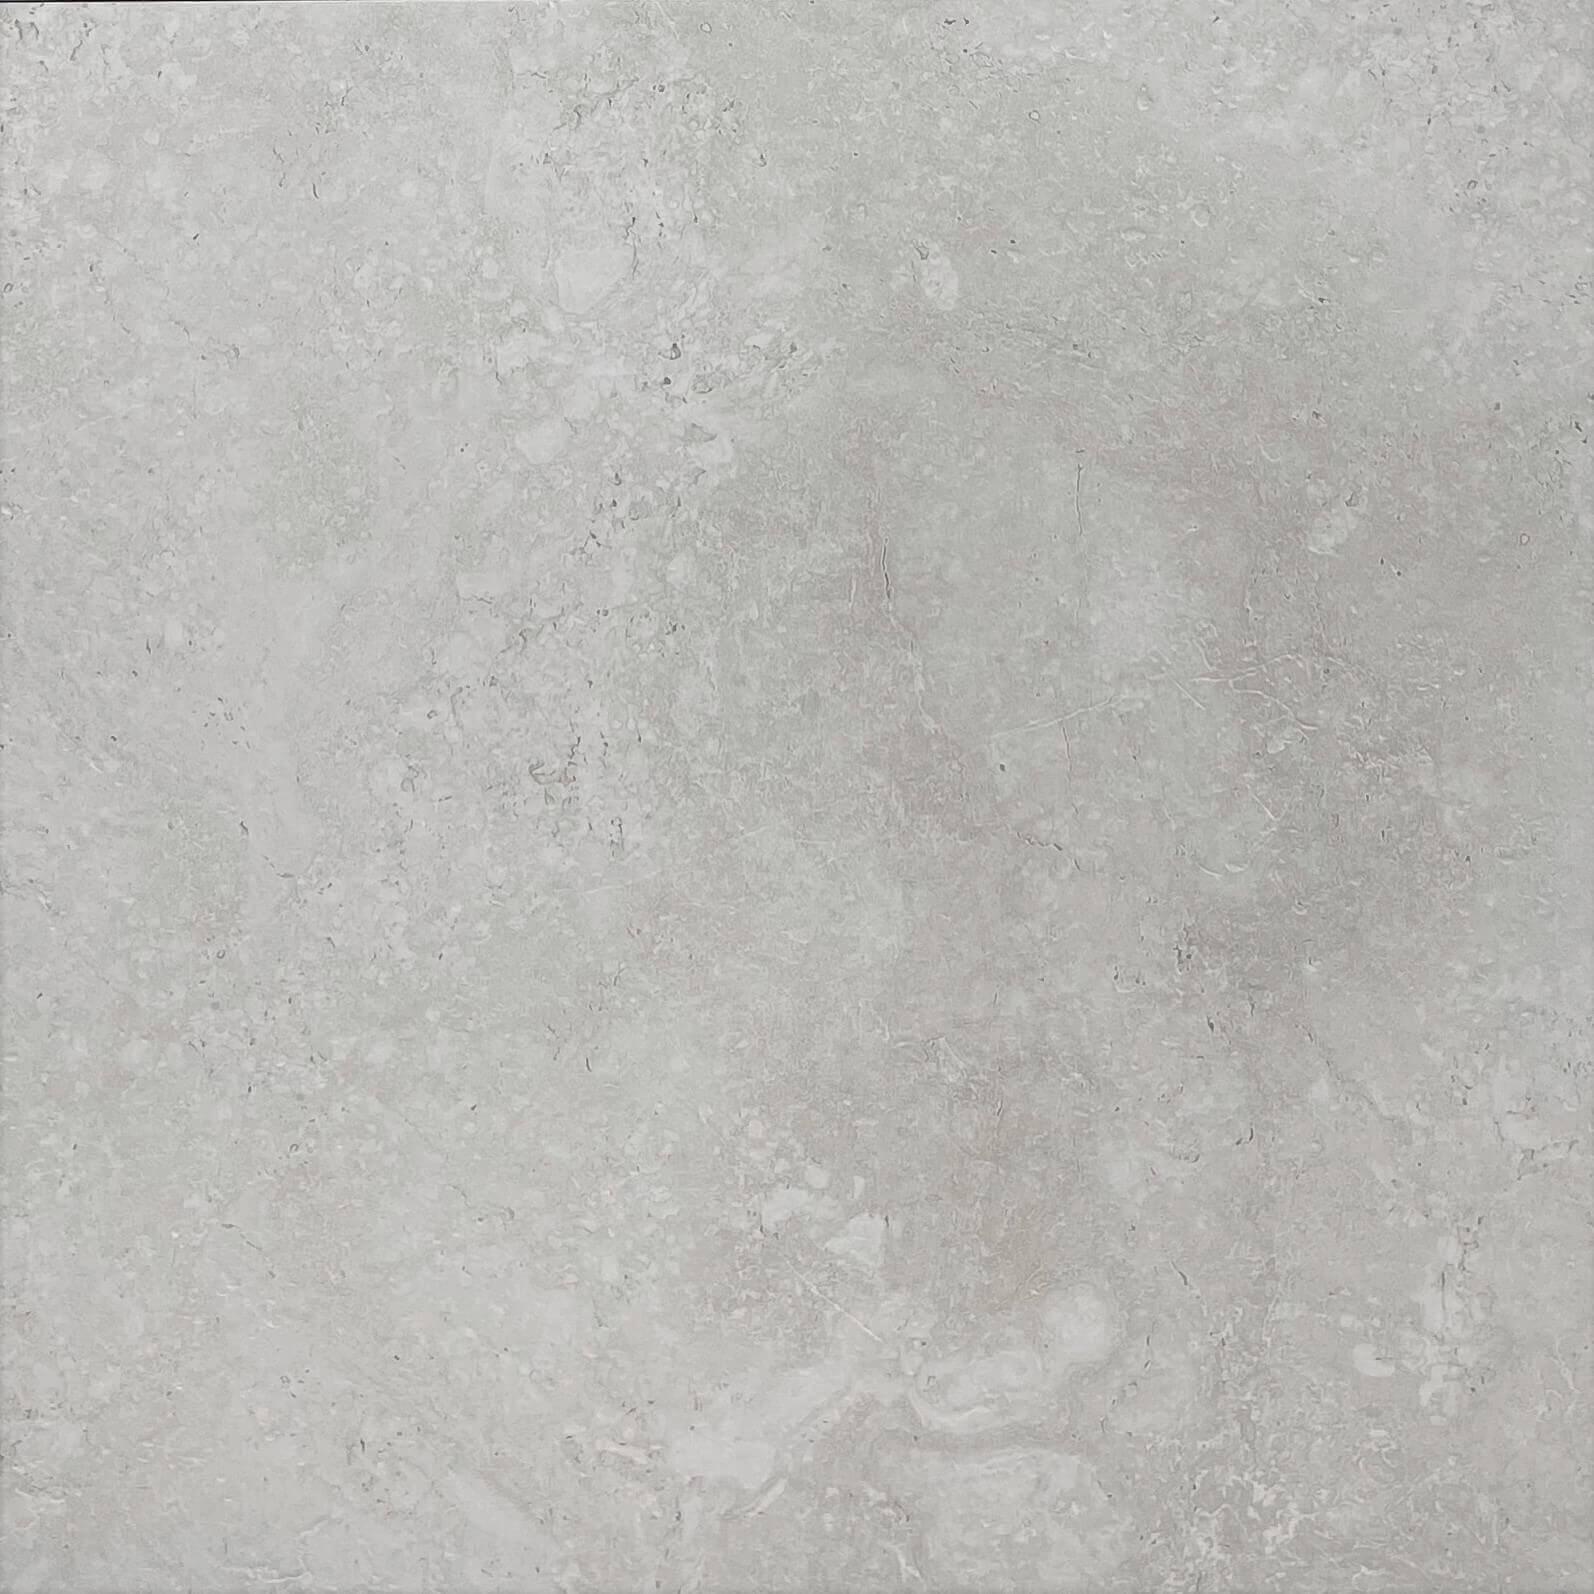 Limestone Bianc Honed Finish Rectified Porcelain Tile 3853